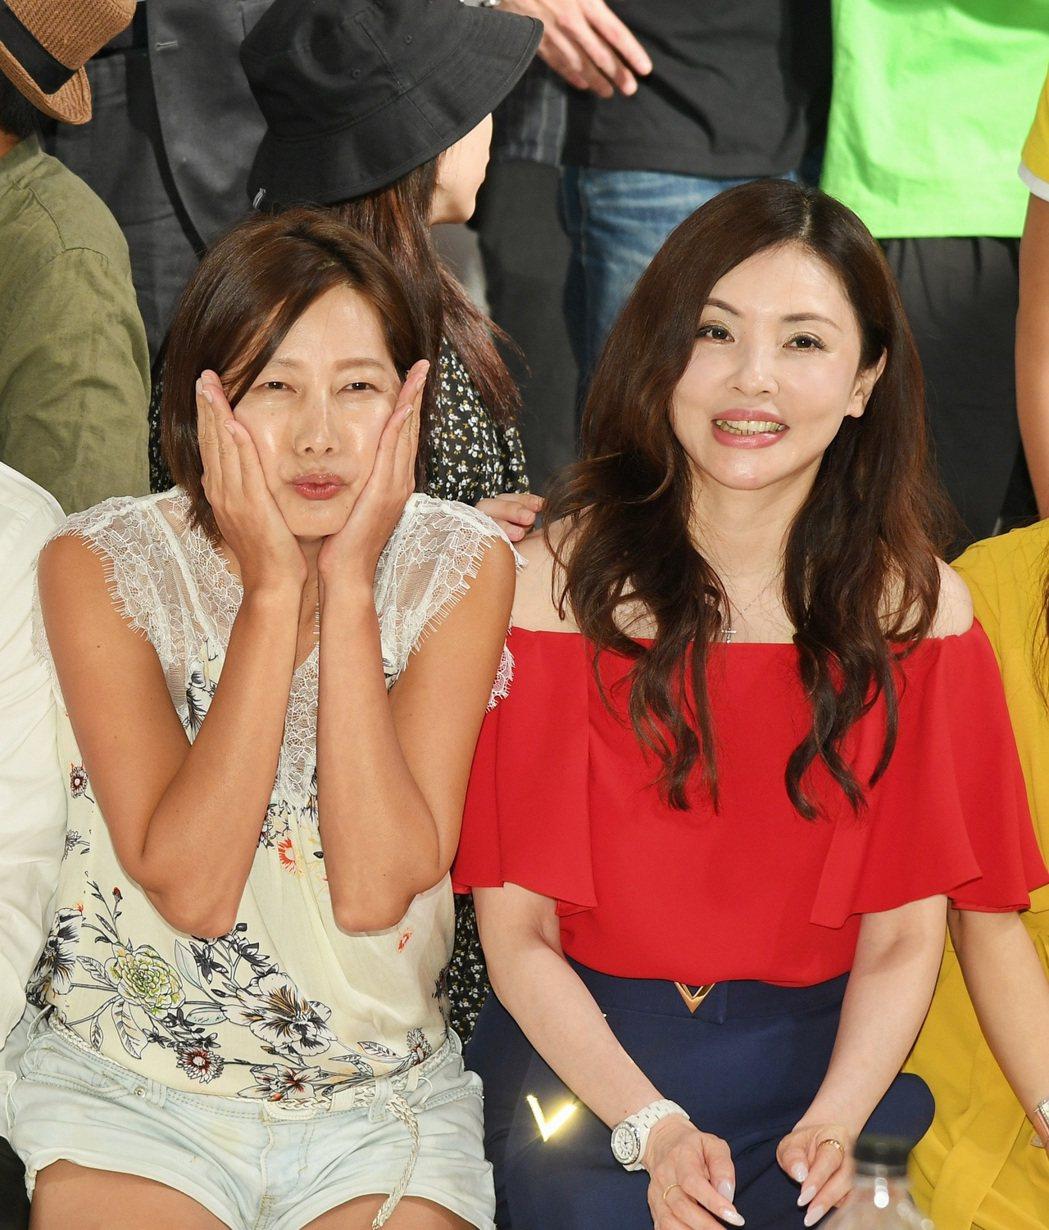 何如芸(右)和丁寧是同公司的好姊妹。圖/三立提供